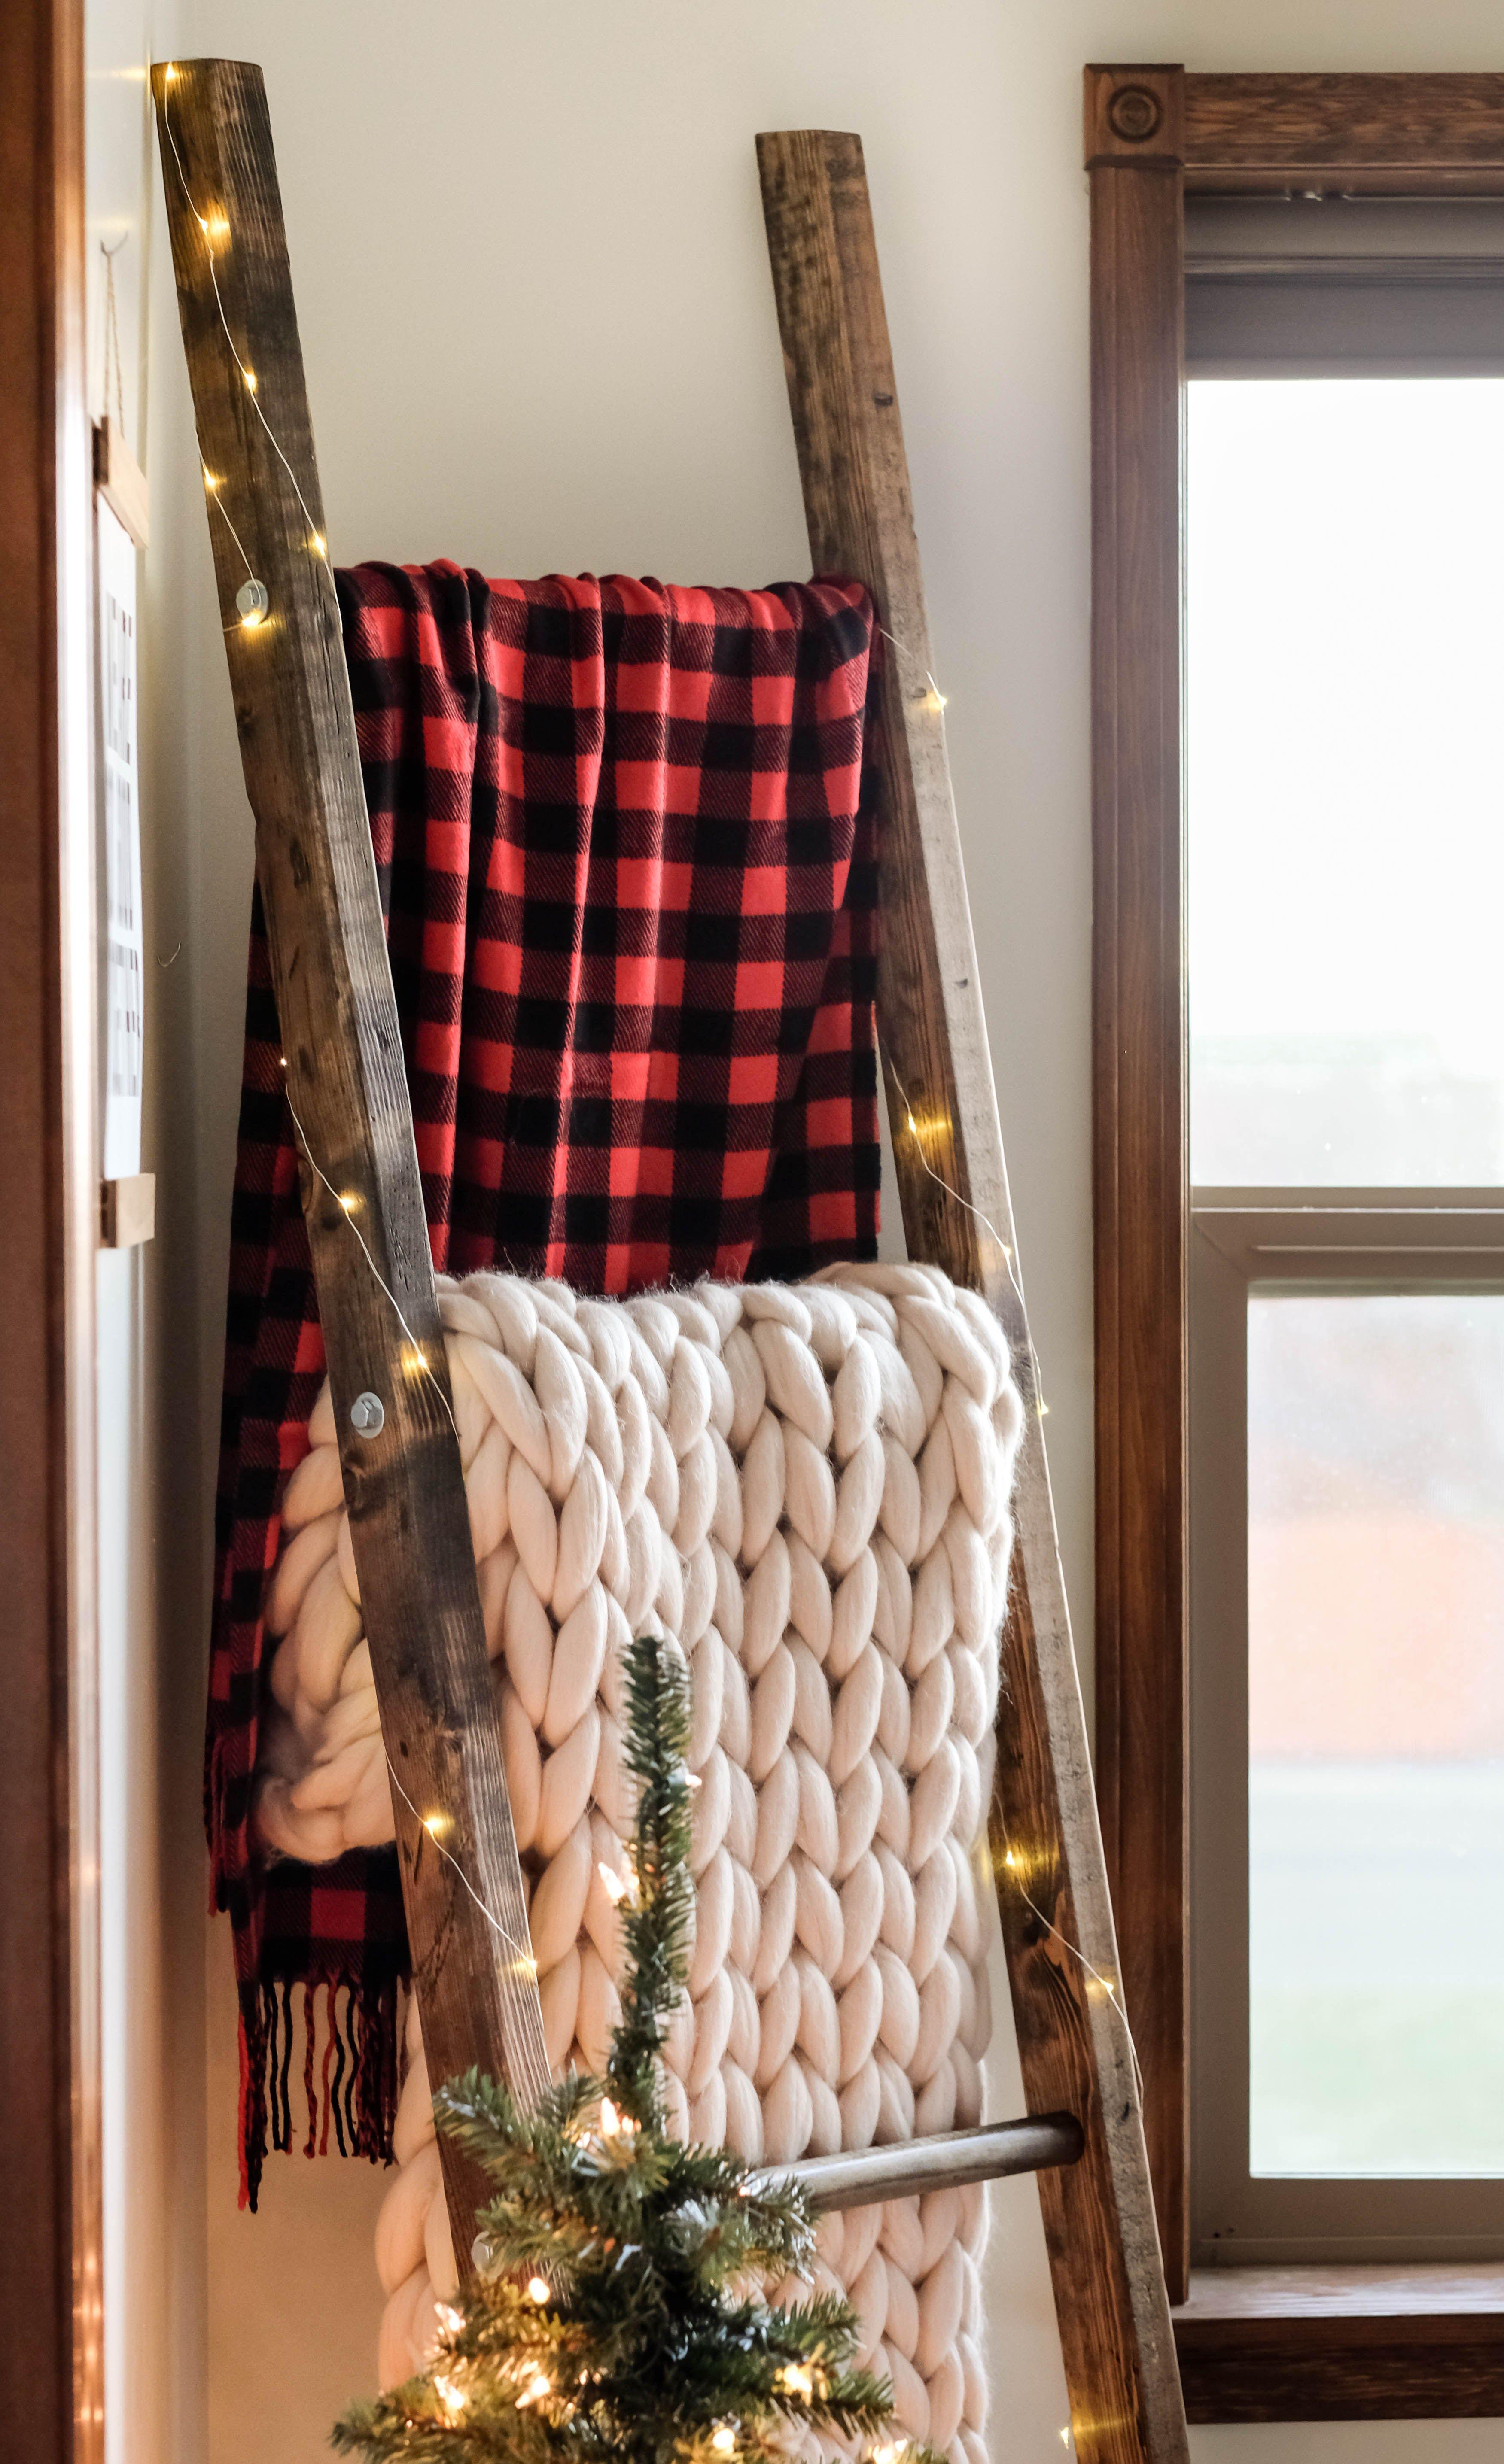 Easy diy blanket ladder for under stepbystep guide